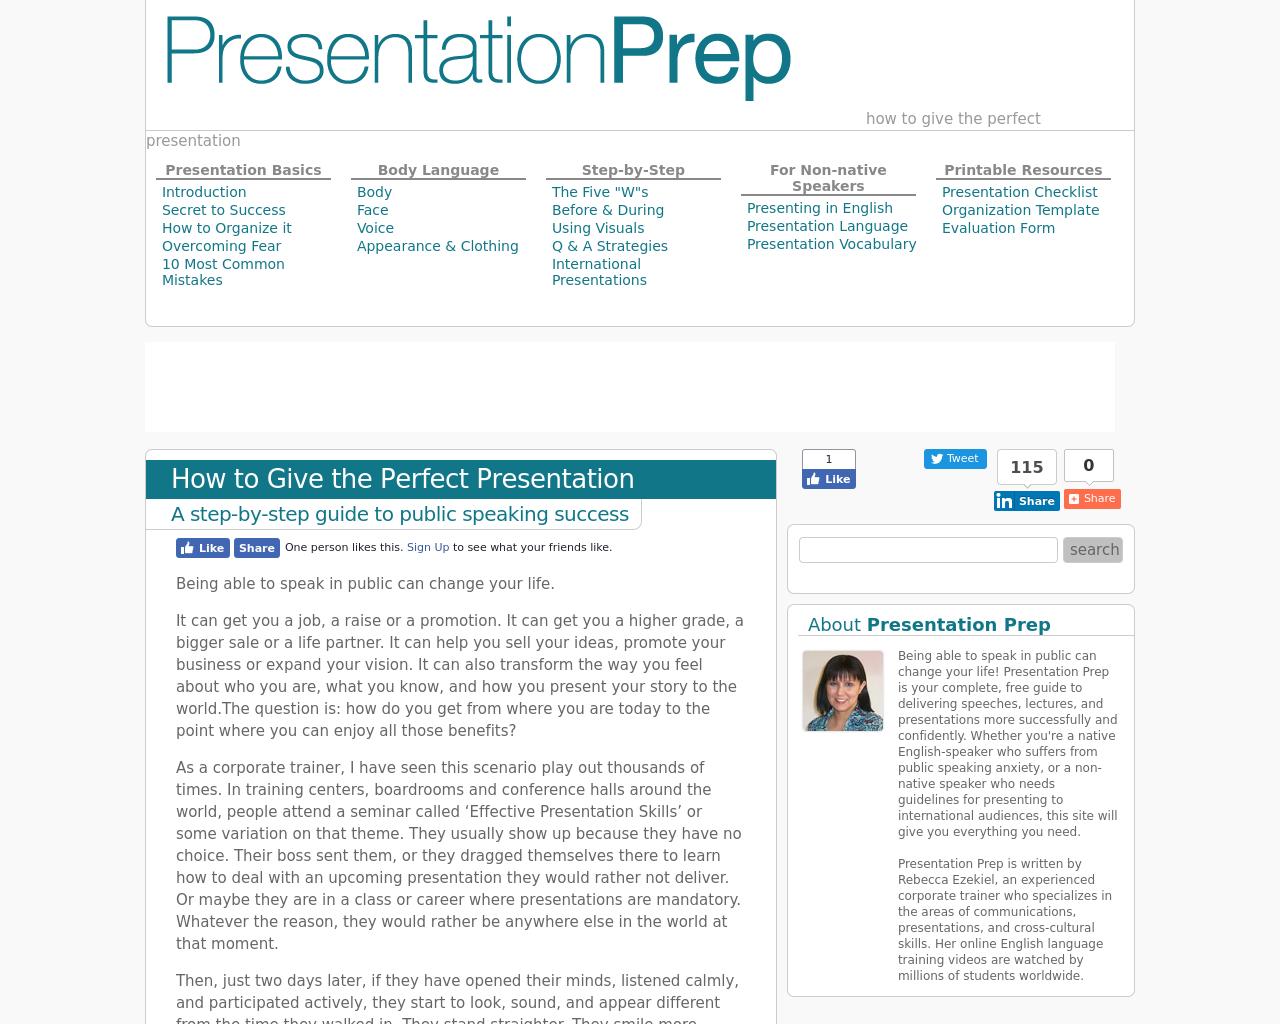 Presentationprep.com-Advertising-Reviews-Pricing